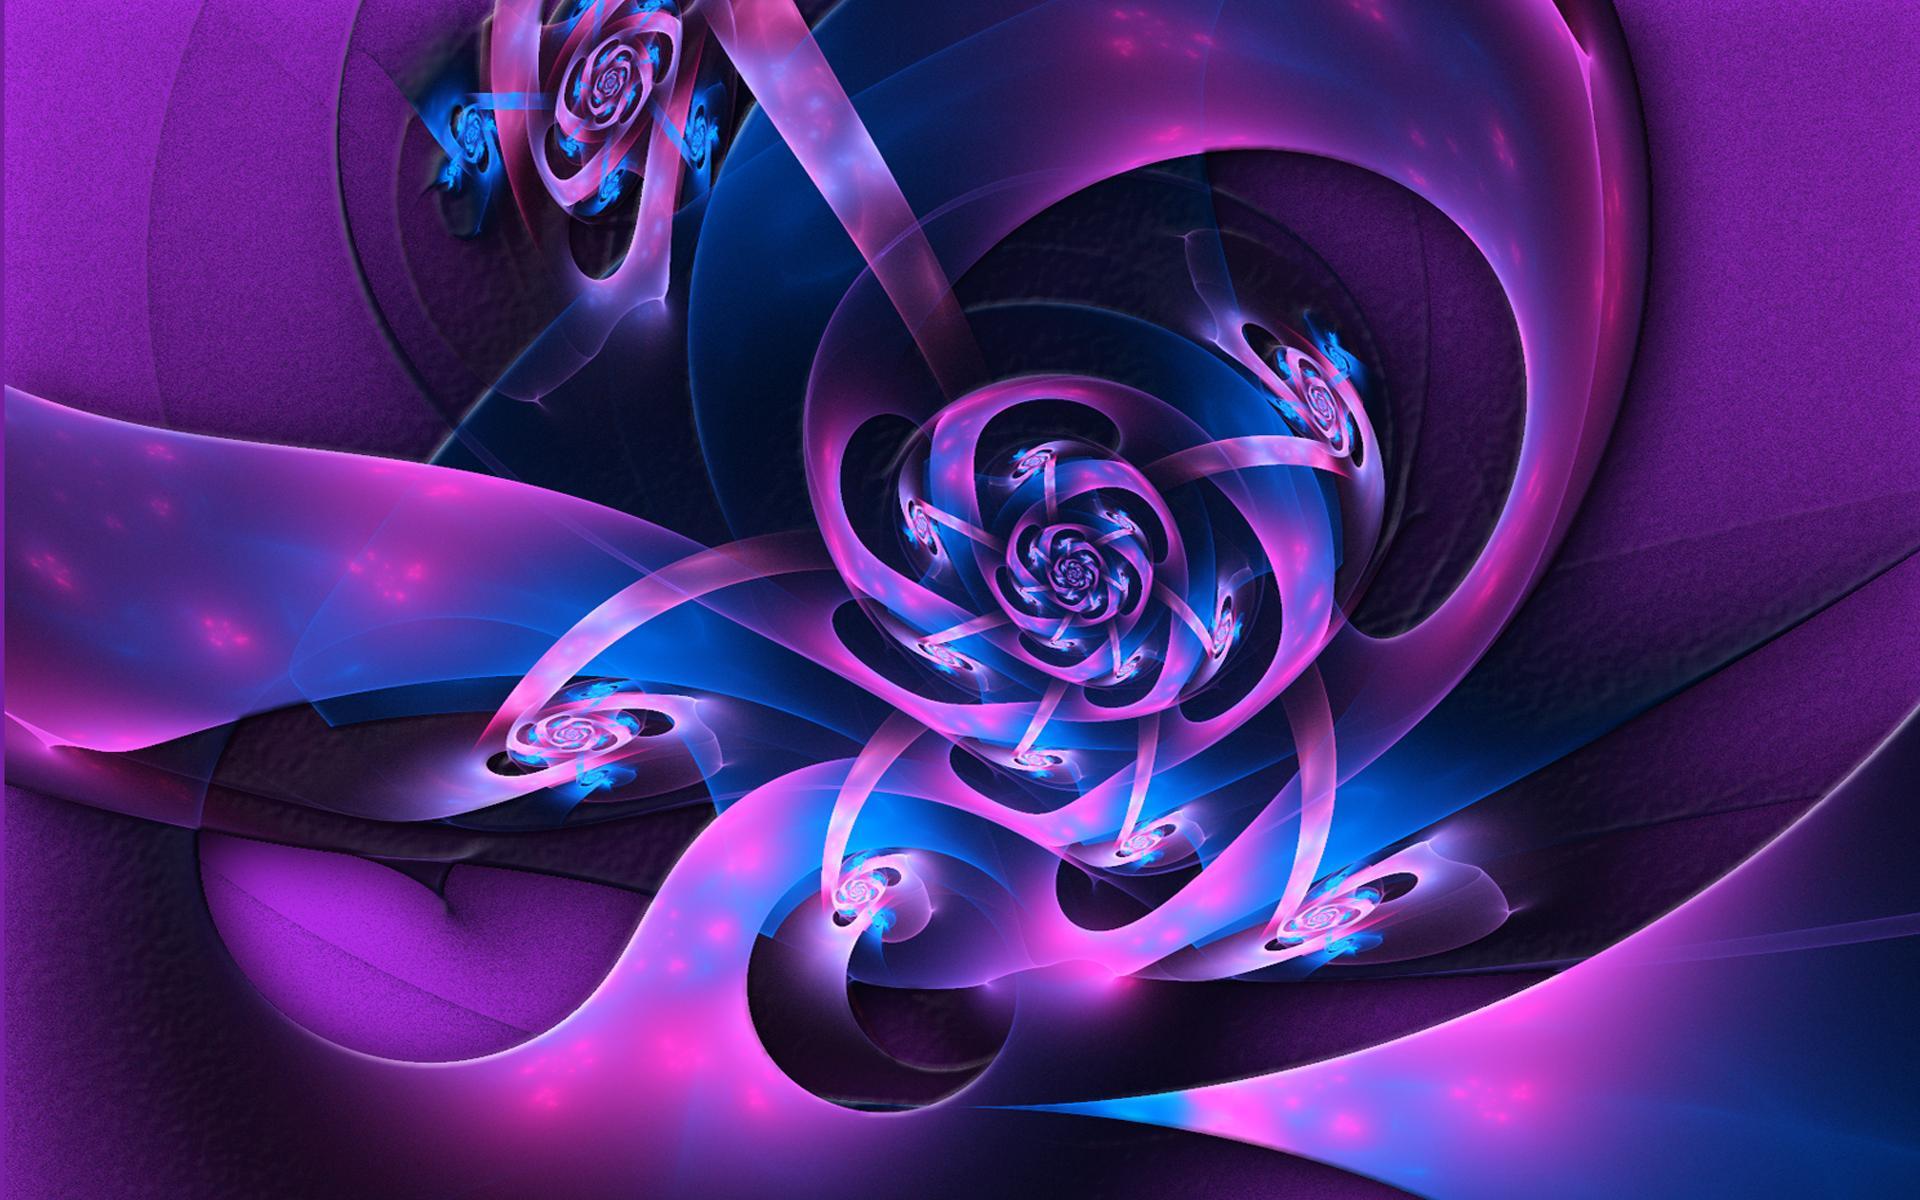 Pink and Purple Desktop Wallpaper - WallpaperSafari